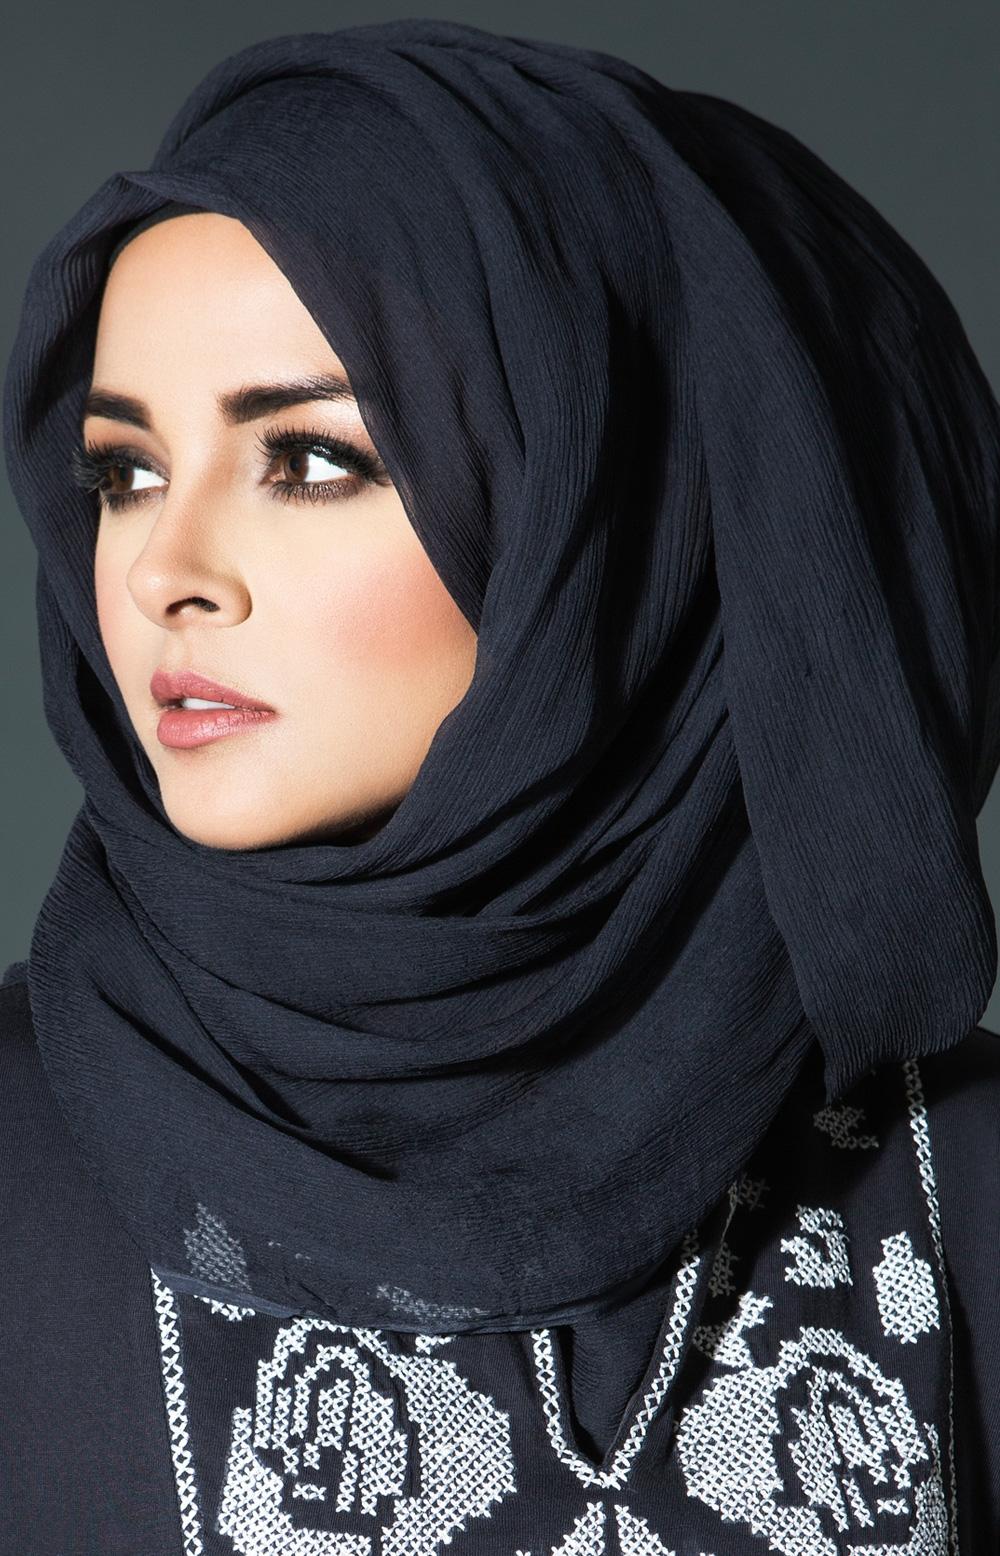 صورة صور عن الحجاب , صور حجاب مختلفه